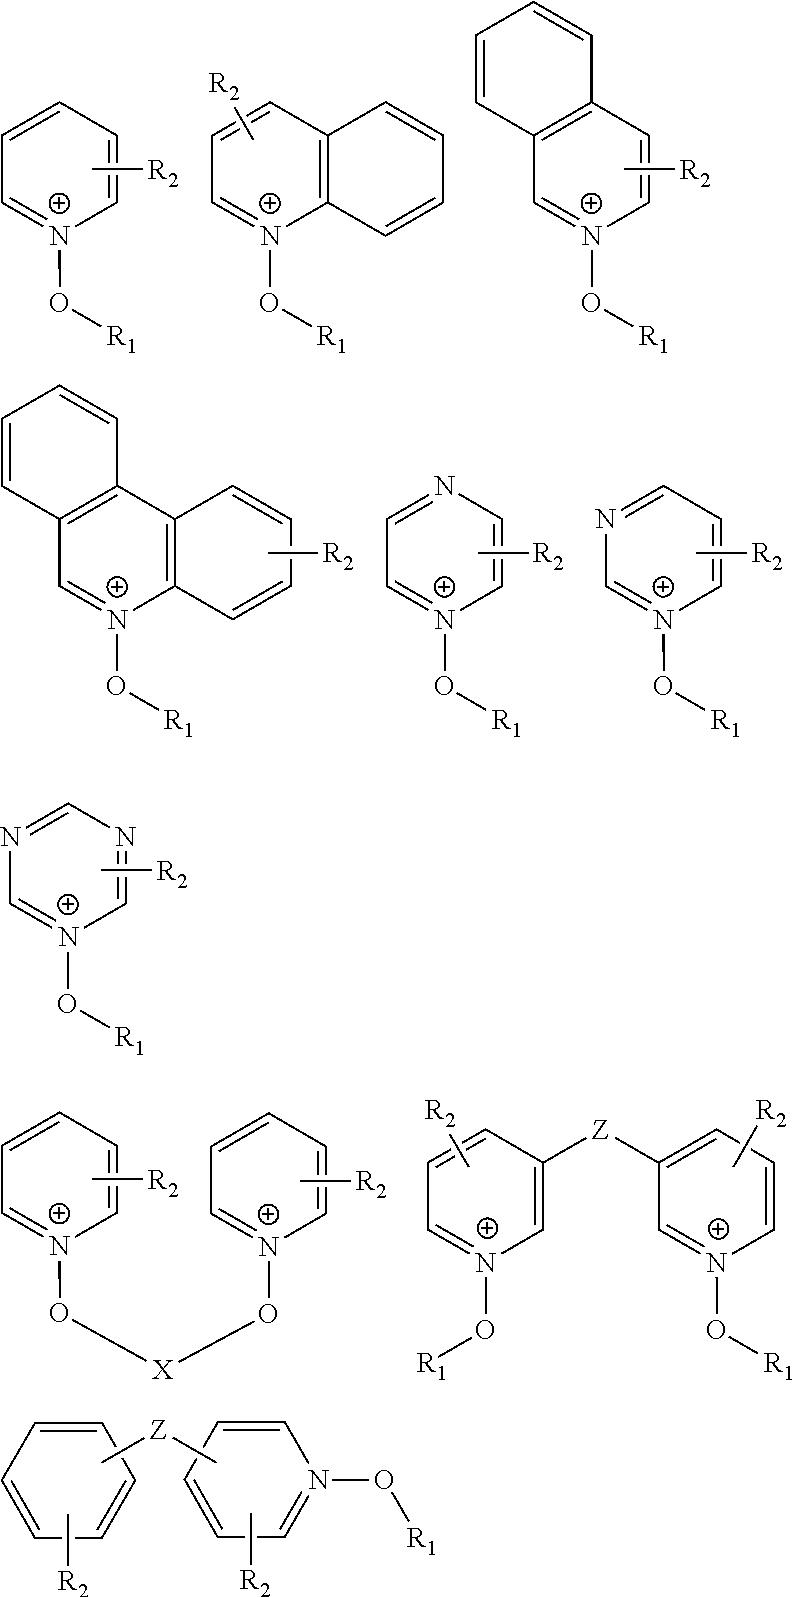 Figure US20120121815A1-20120517-C00045